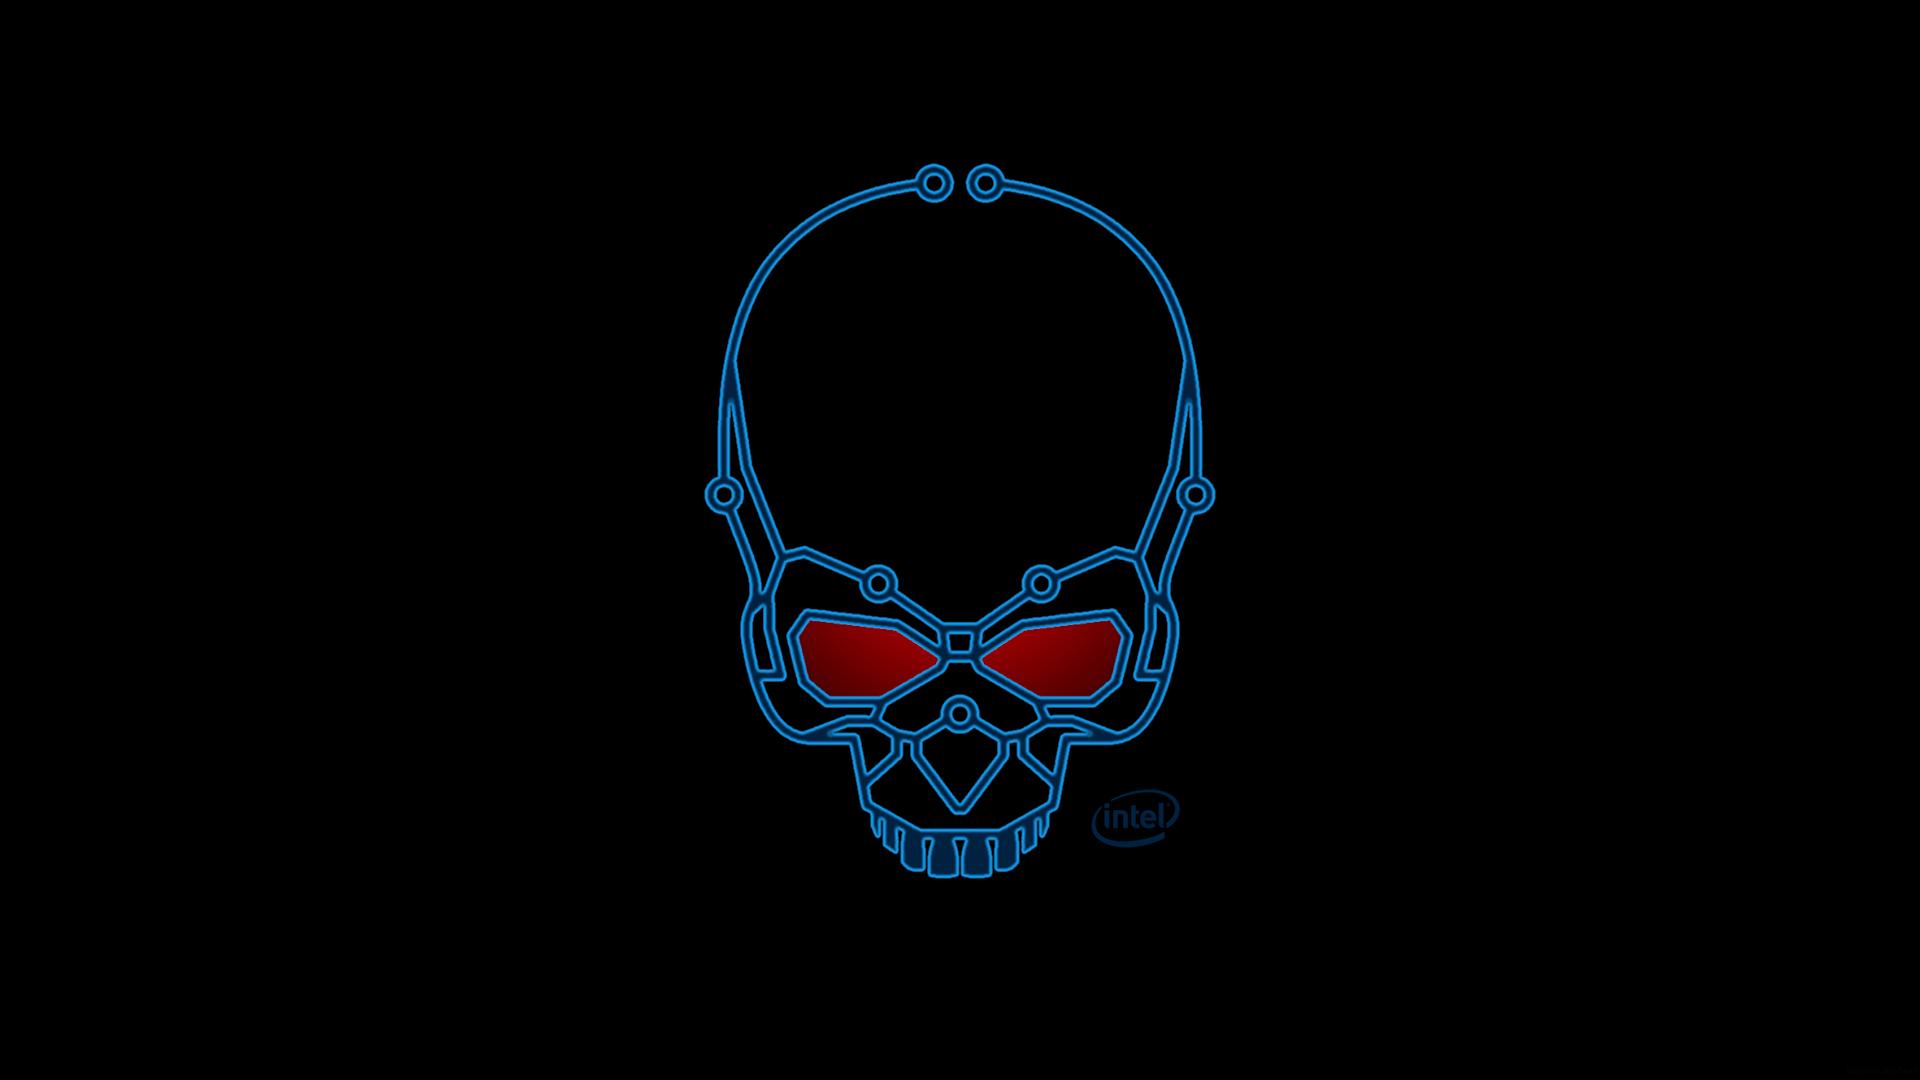 Intel Skull Wallpaper 1080 by euphoricallydead on DeviantArt